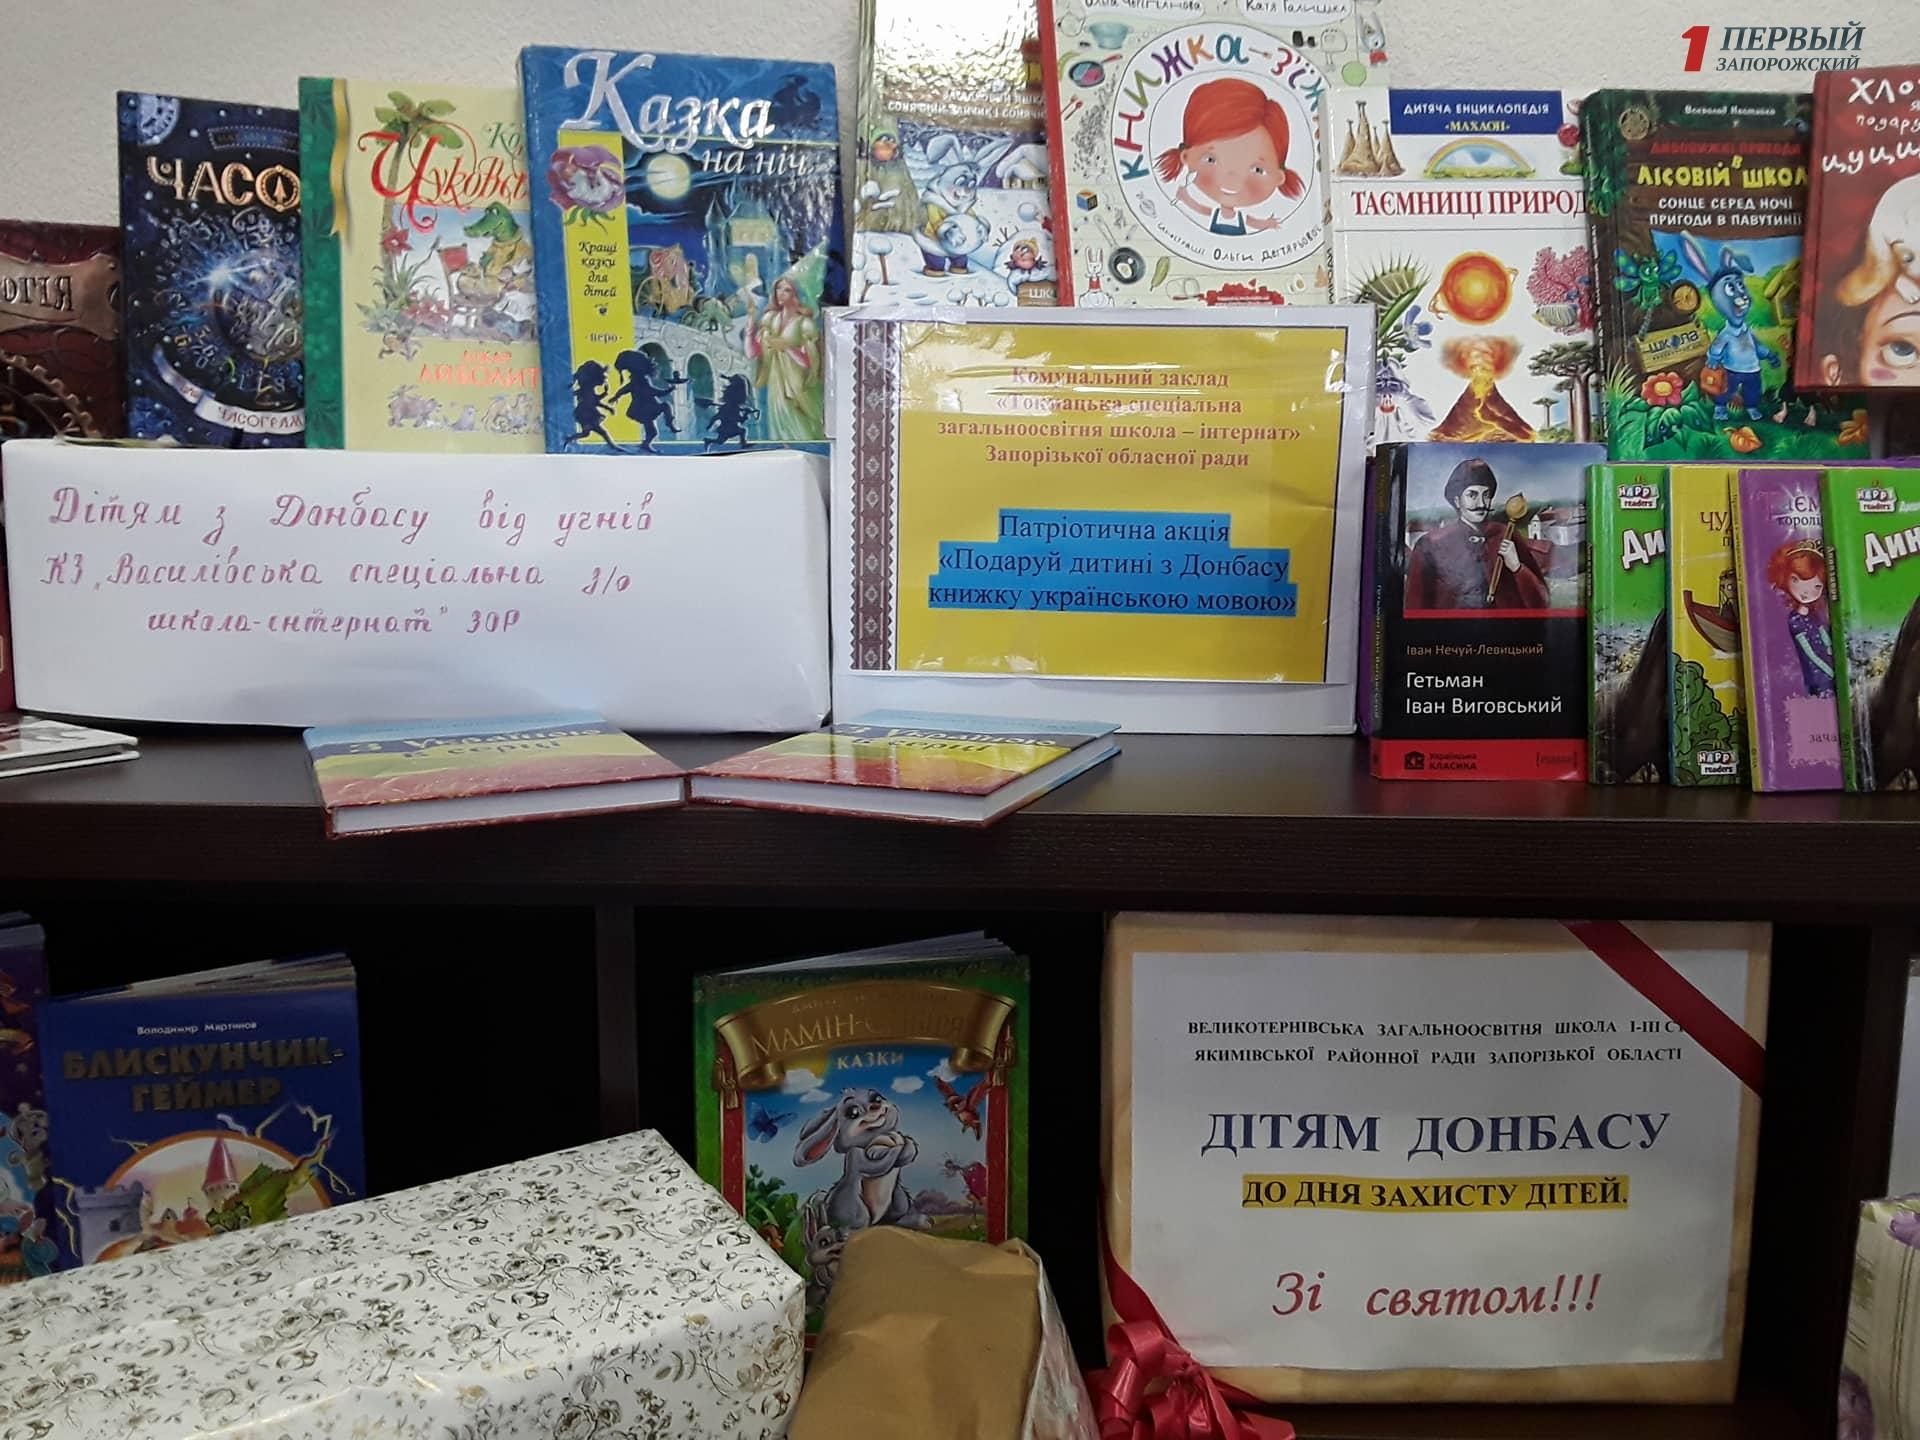 Юные запорожцы собрали более двух тысяч украинских книг для детей Донбасса - ФОТО